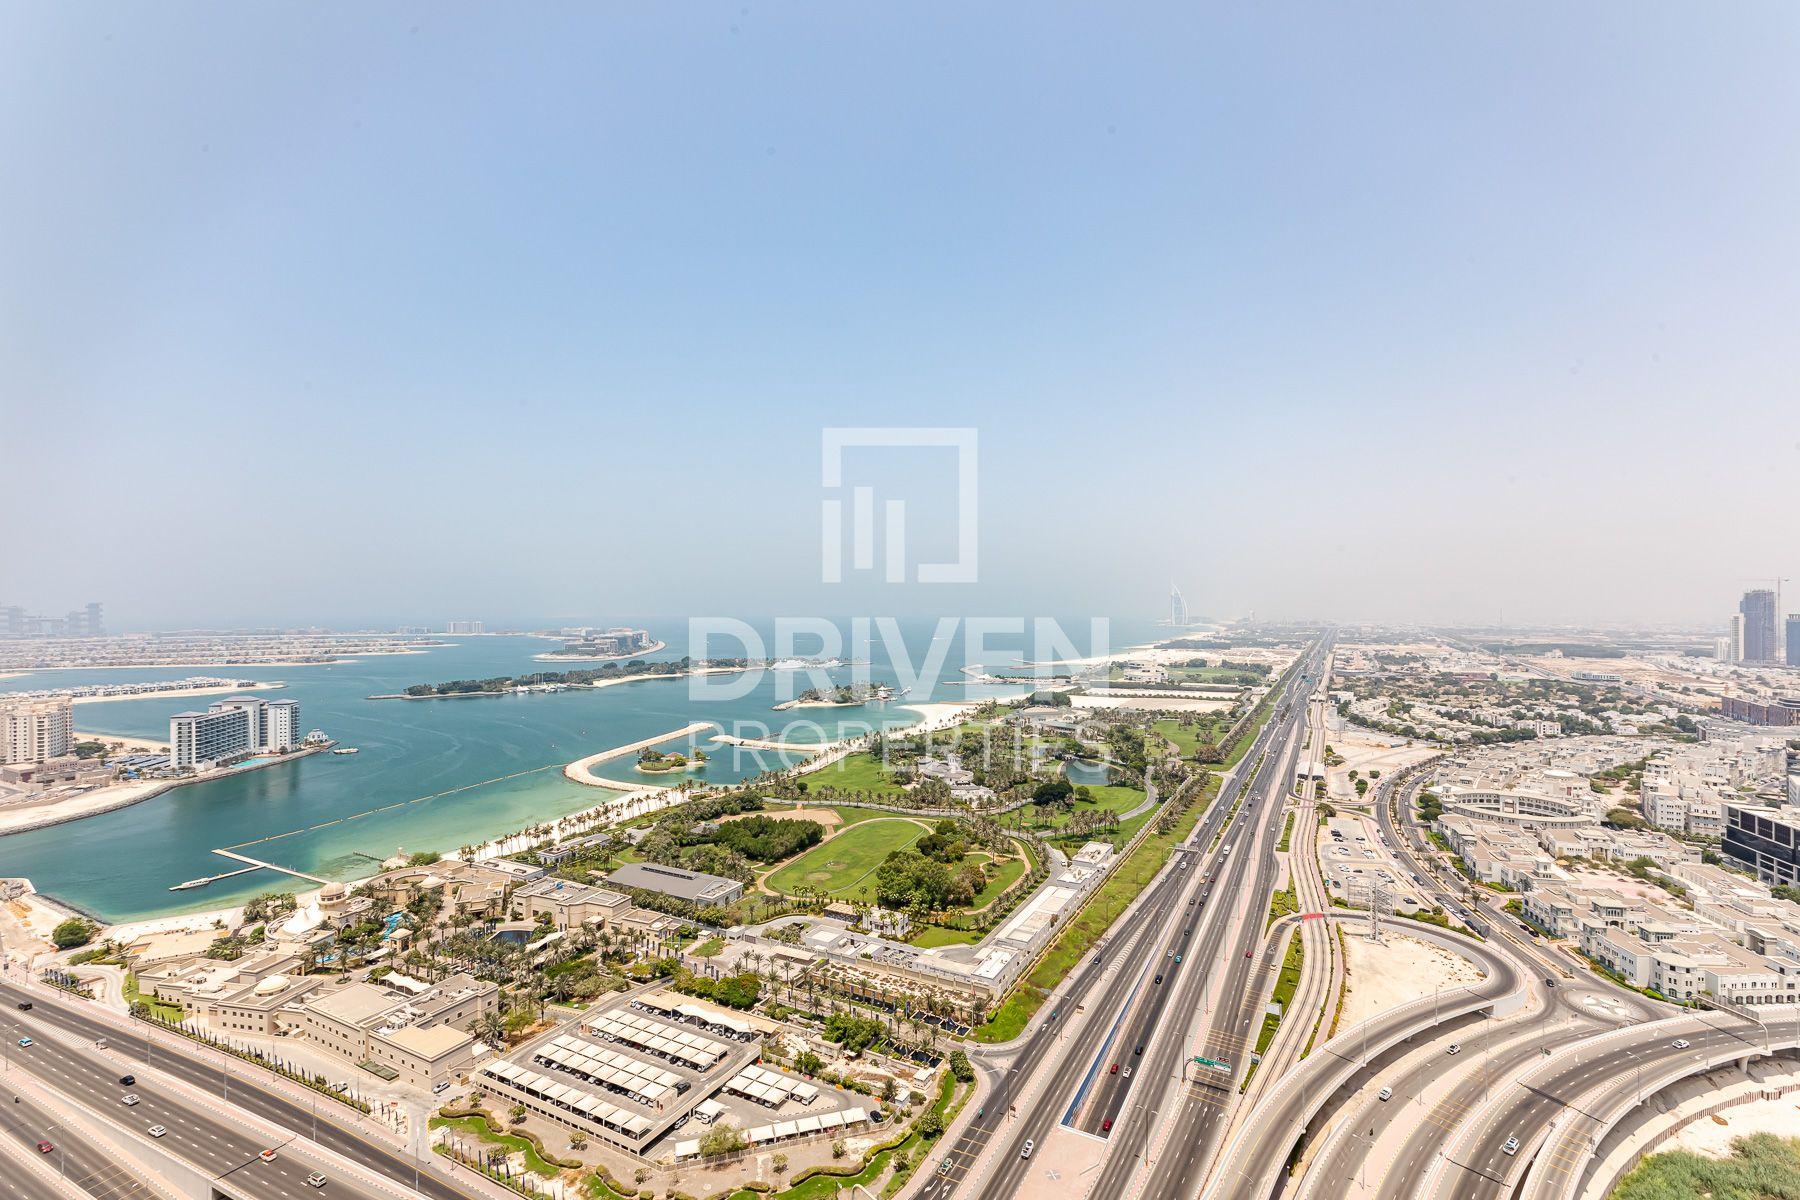 للايجار - شقة - Avani Palm View Hotel & Suites - مدينة دبي الإعلامية